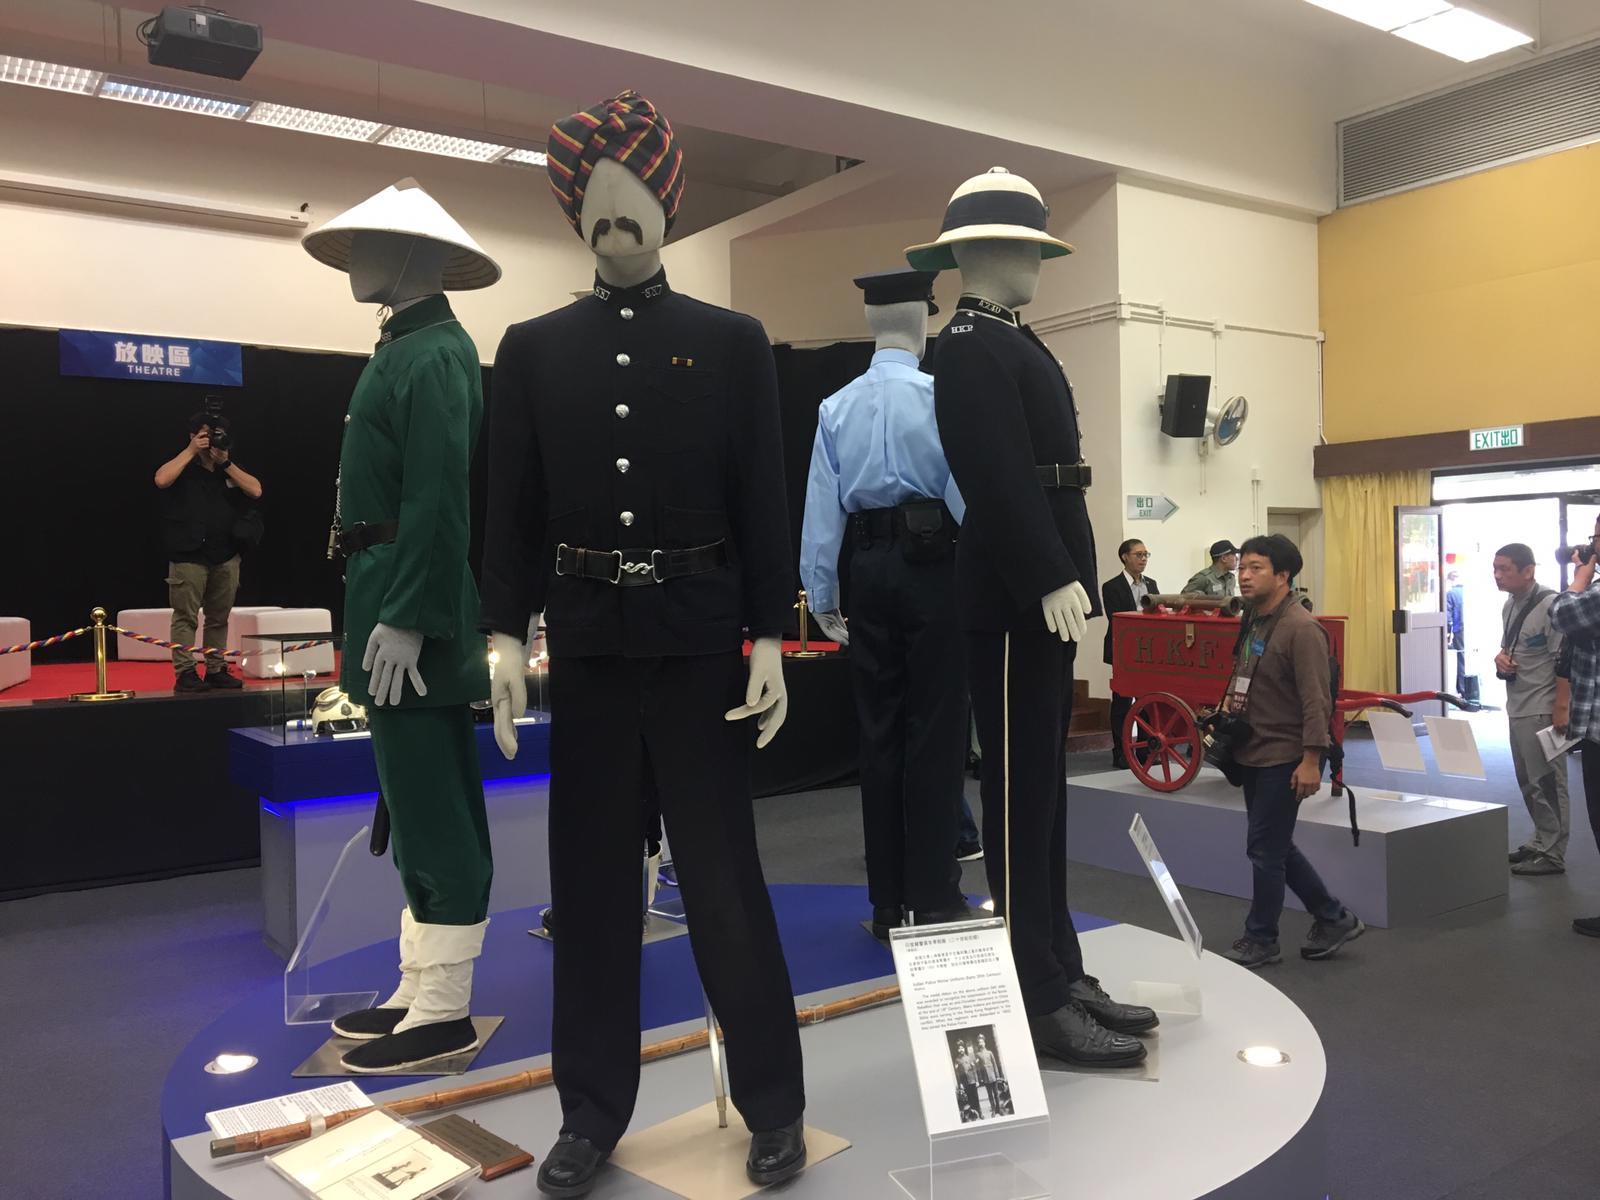 警隊歷史發展展覽,展出警隊的制服演變。